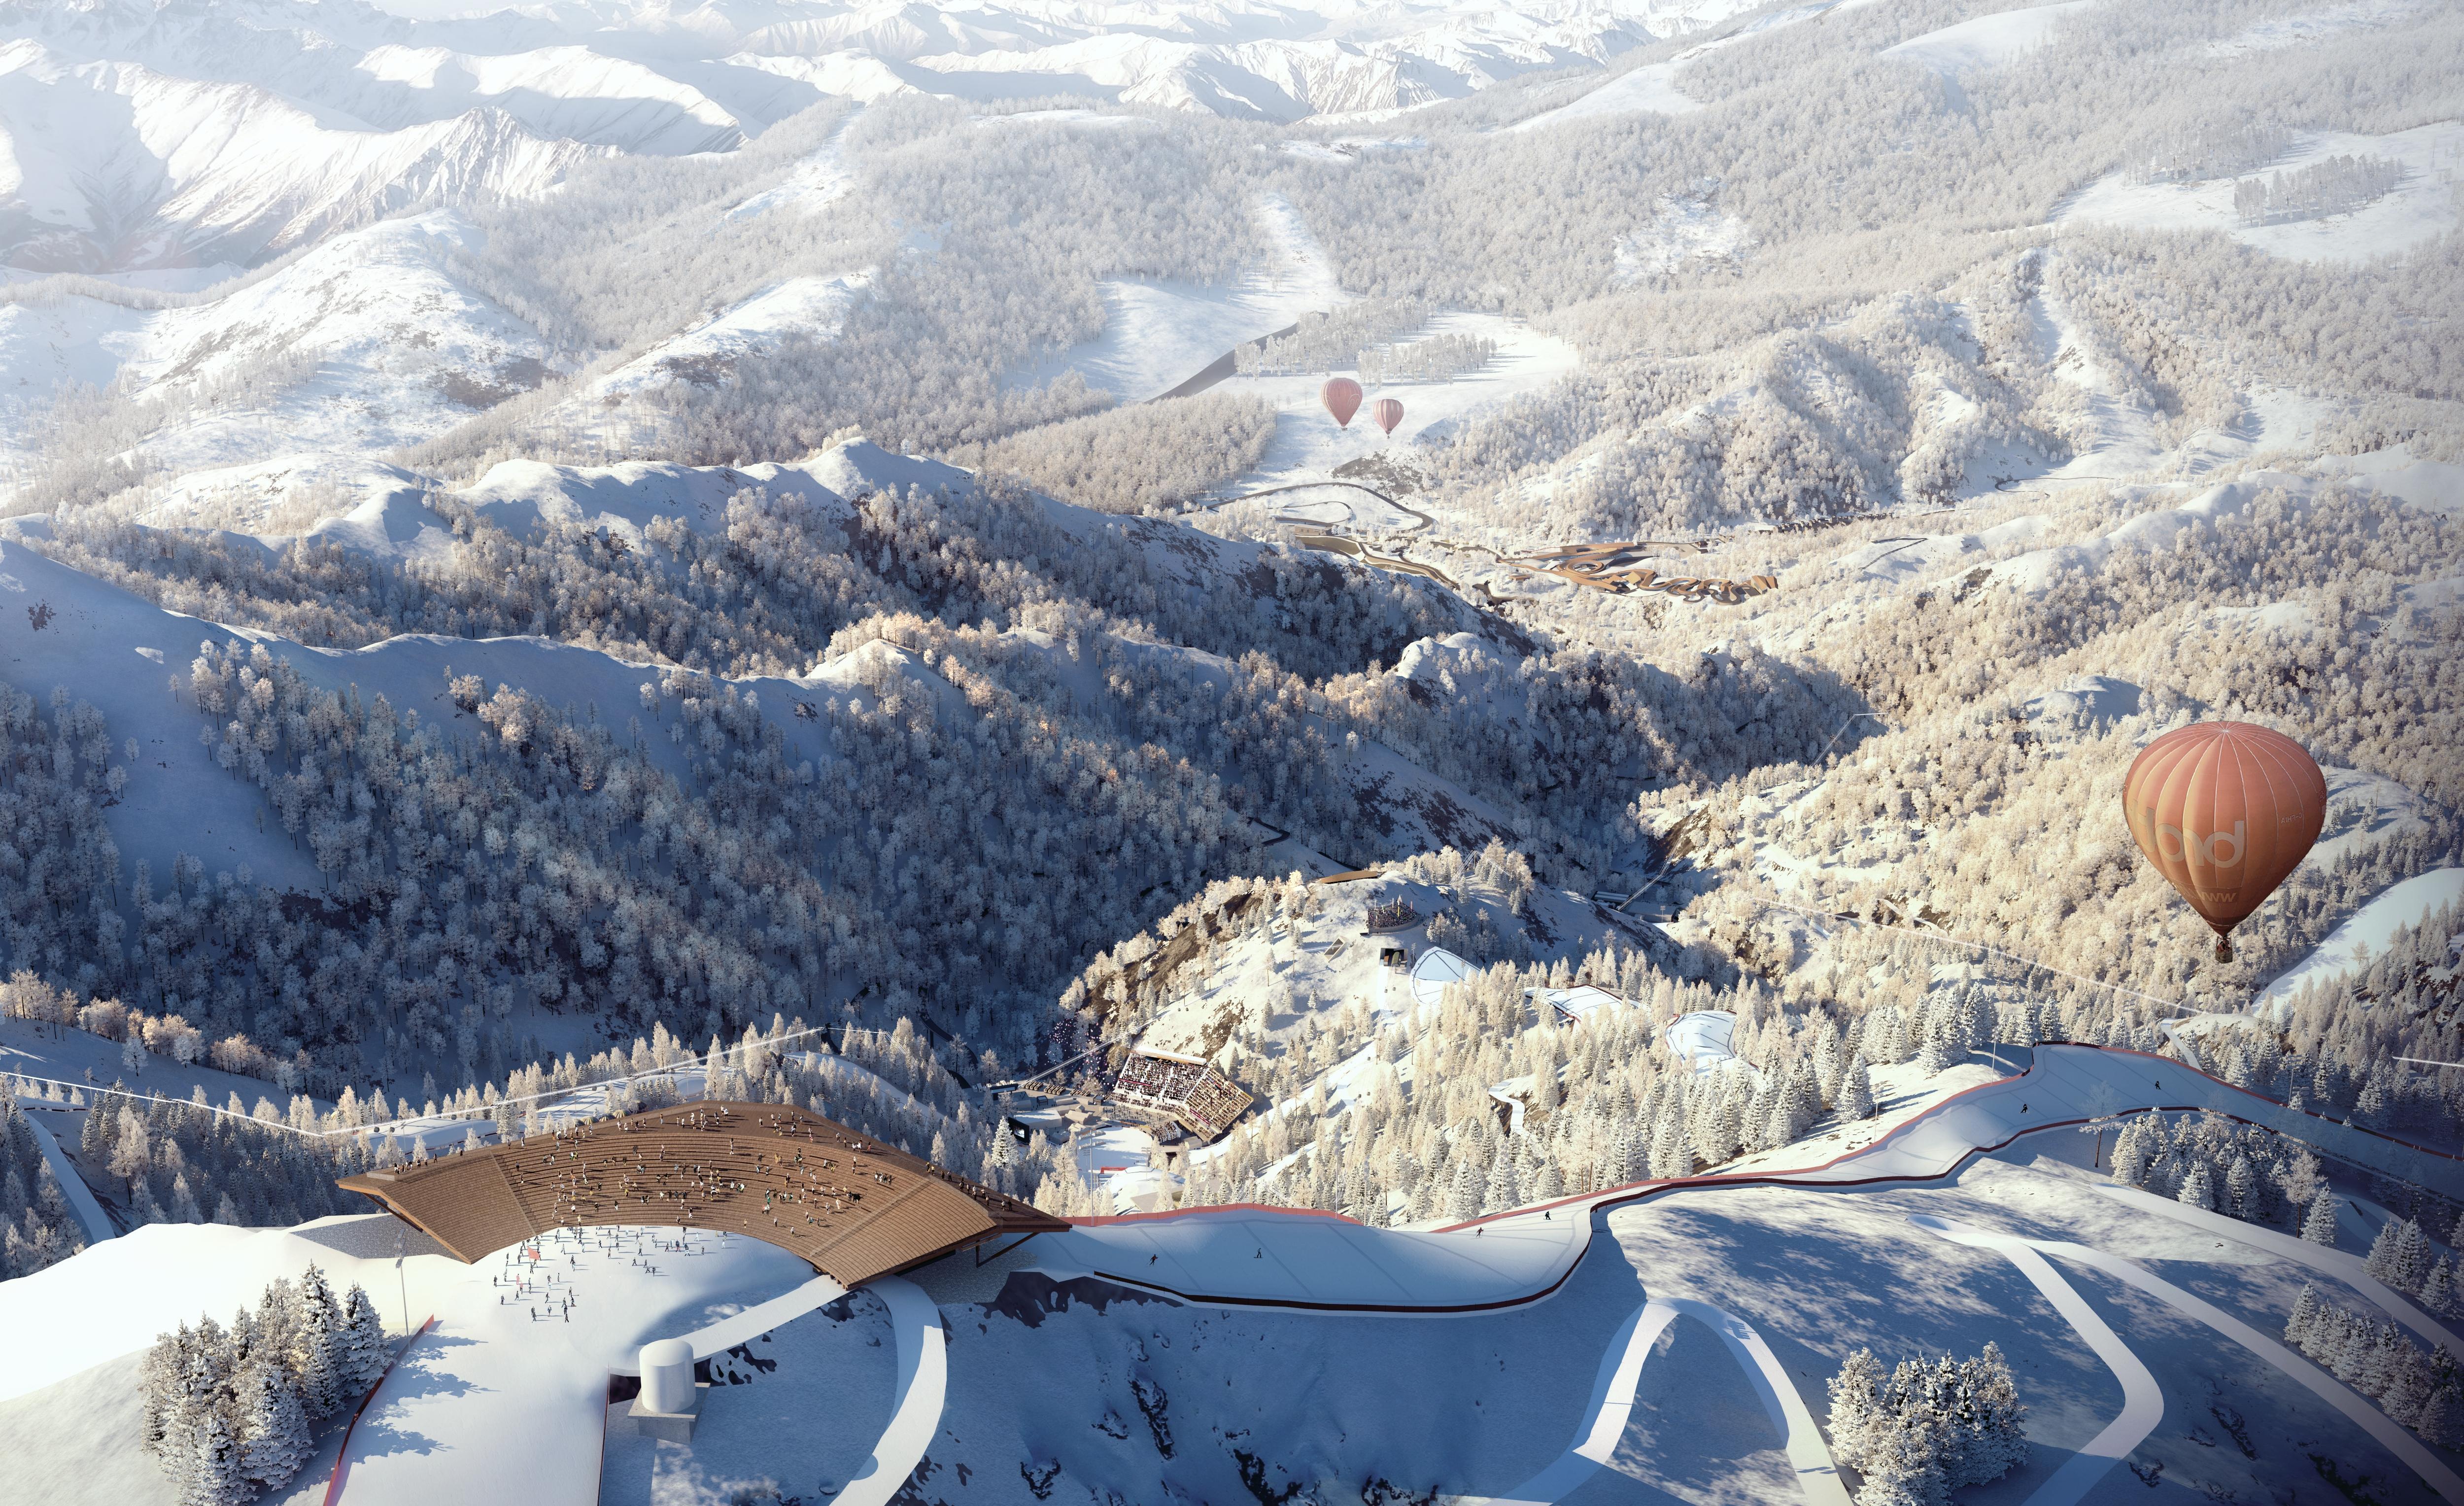 北京冬奥会延庆赛区保障测试赛各项工程全面进入调试阶段